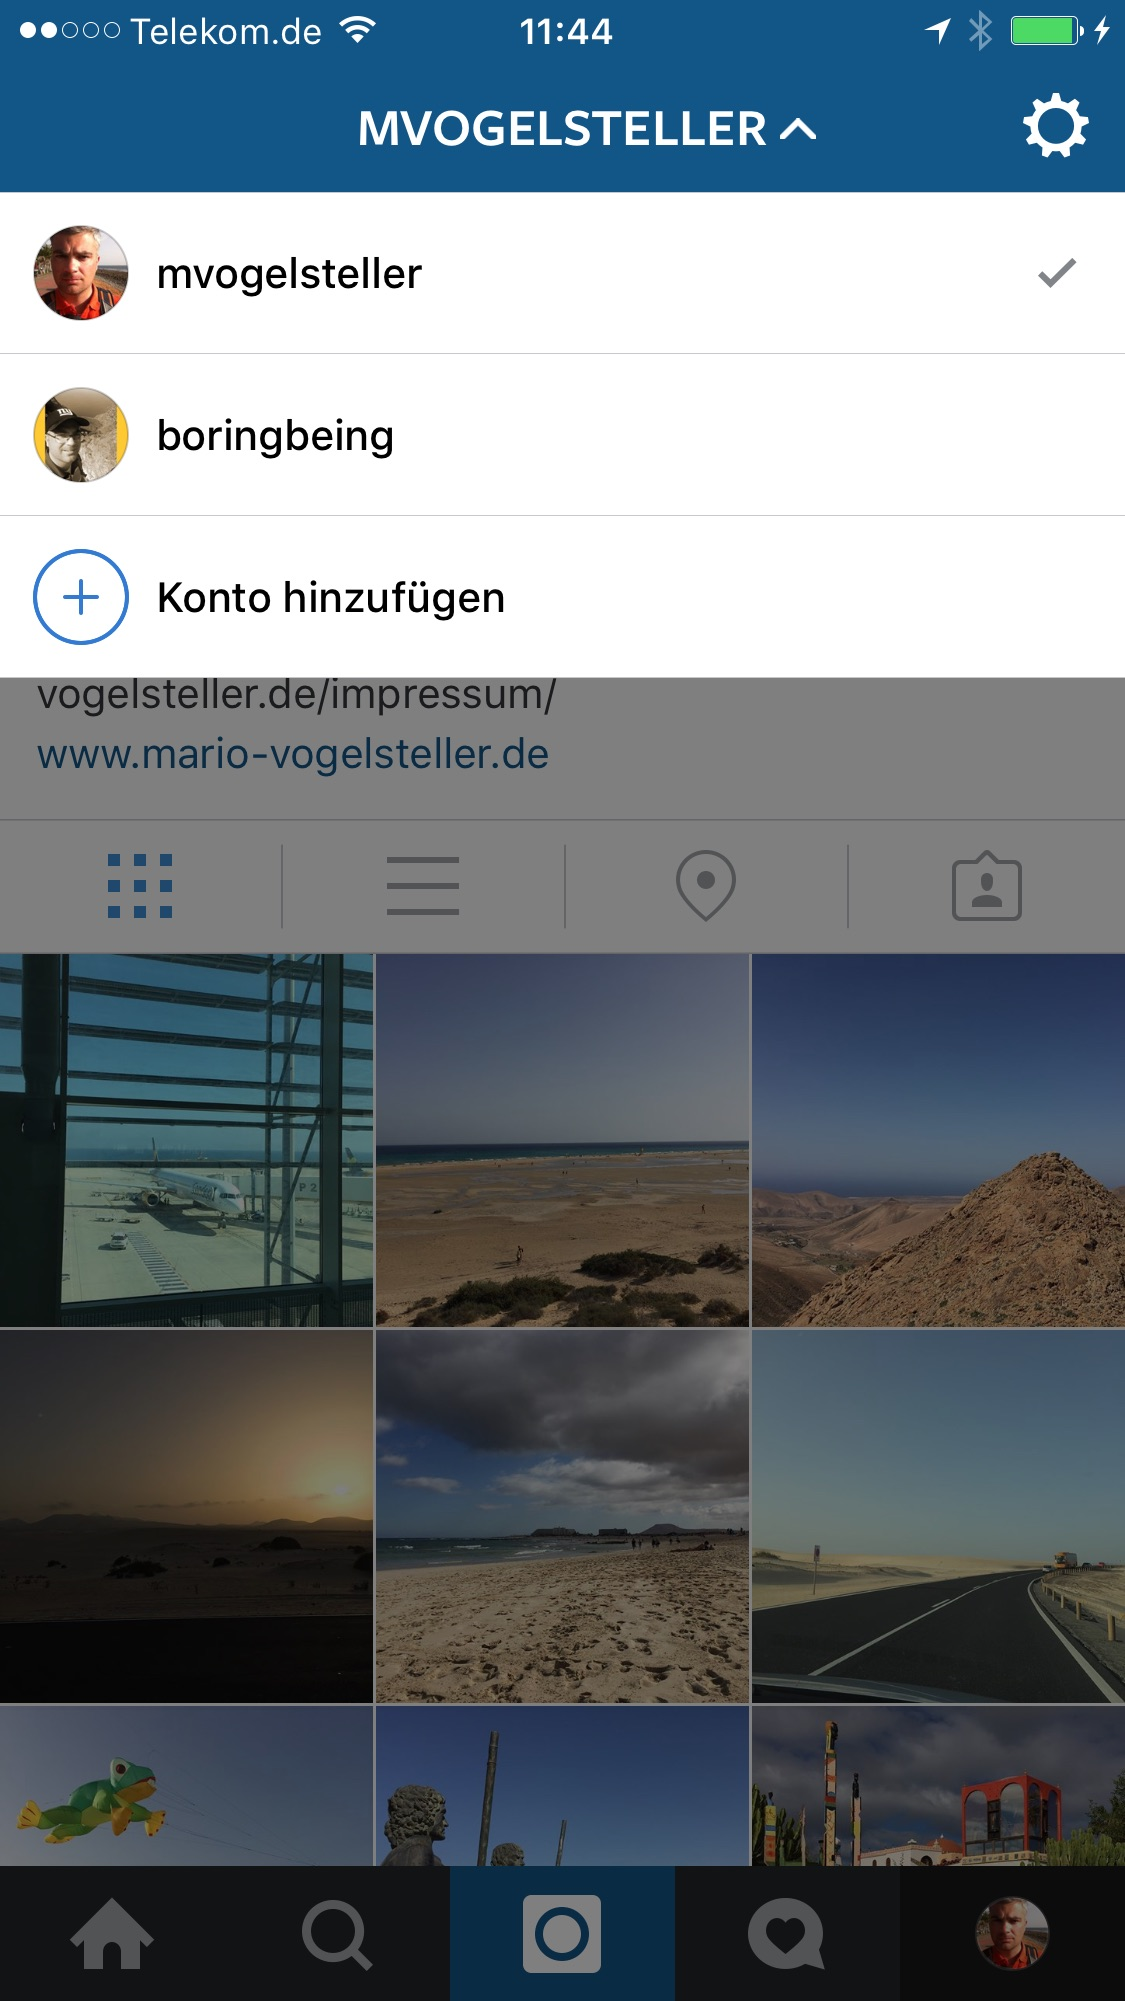 Einrichtung von mehreren Instagram-Accounts